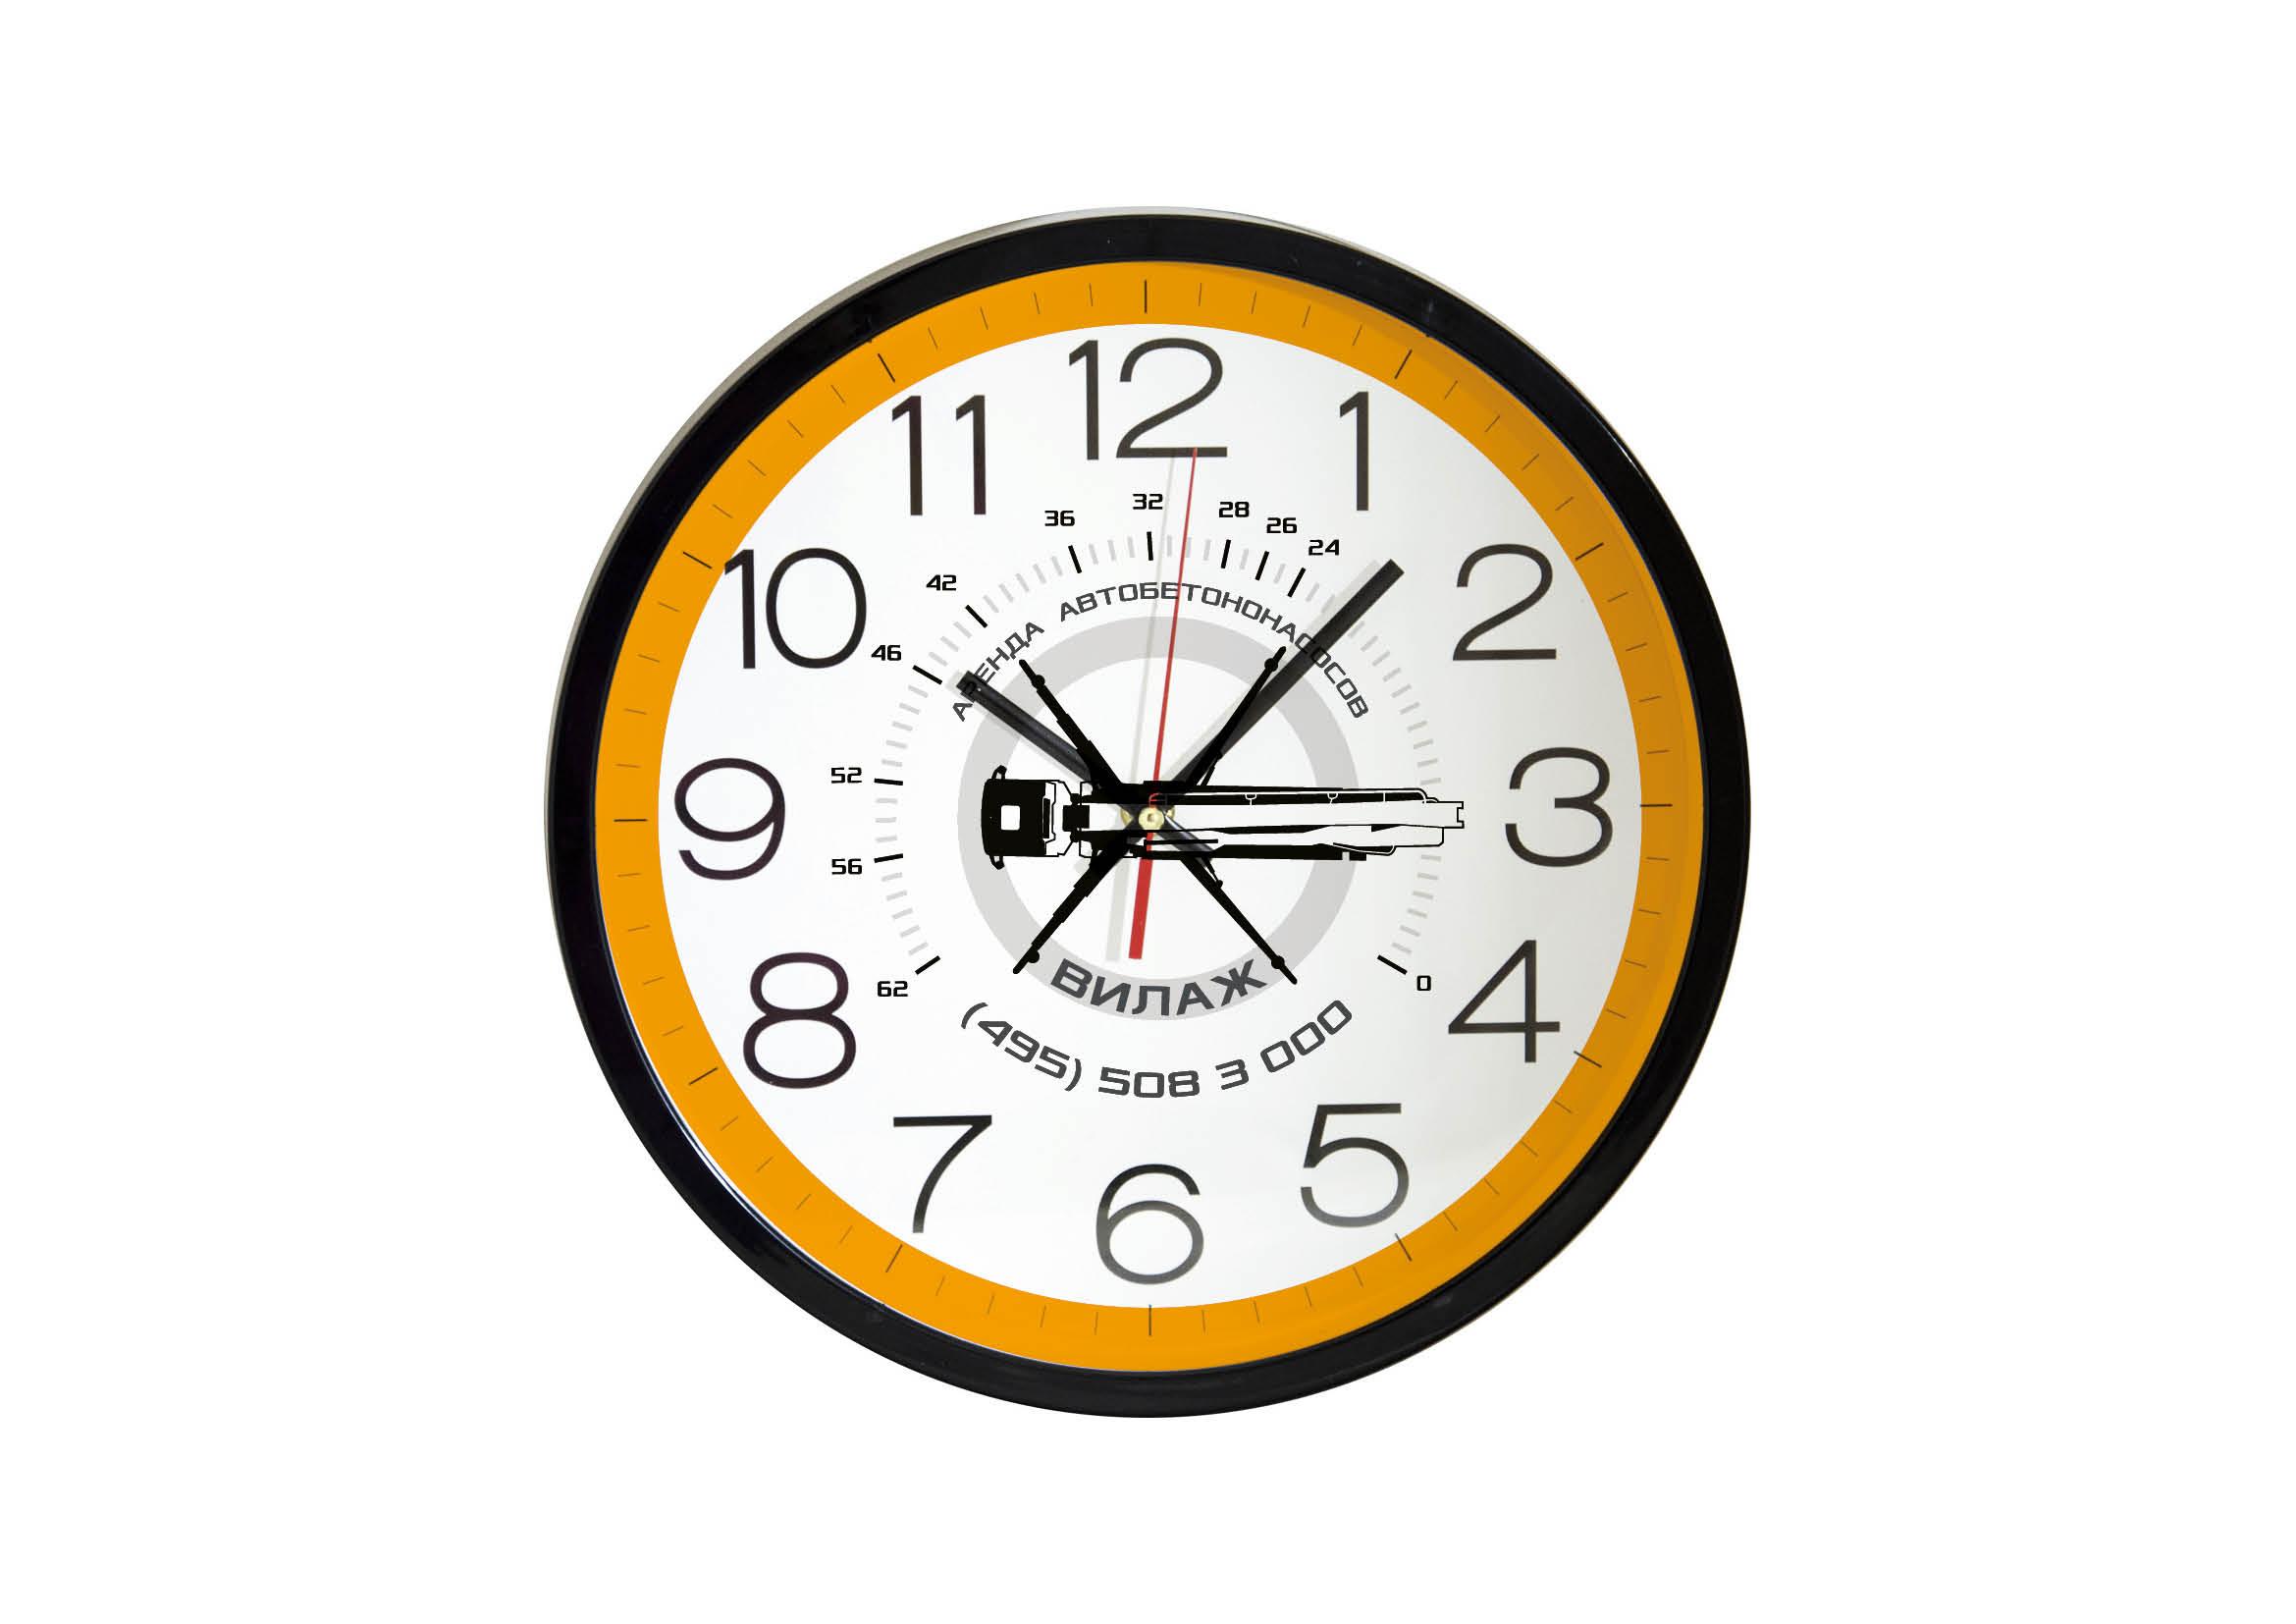 Разработать Брендбук с использованием готового логотипа фото f_4845fb6b5546a4fb.jpg